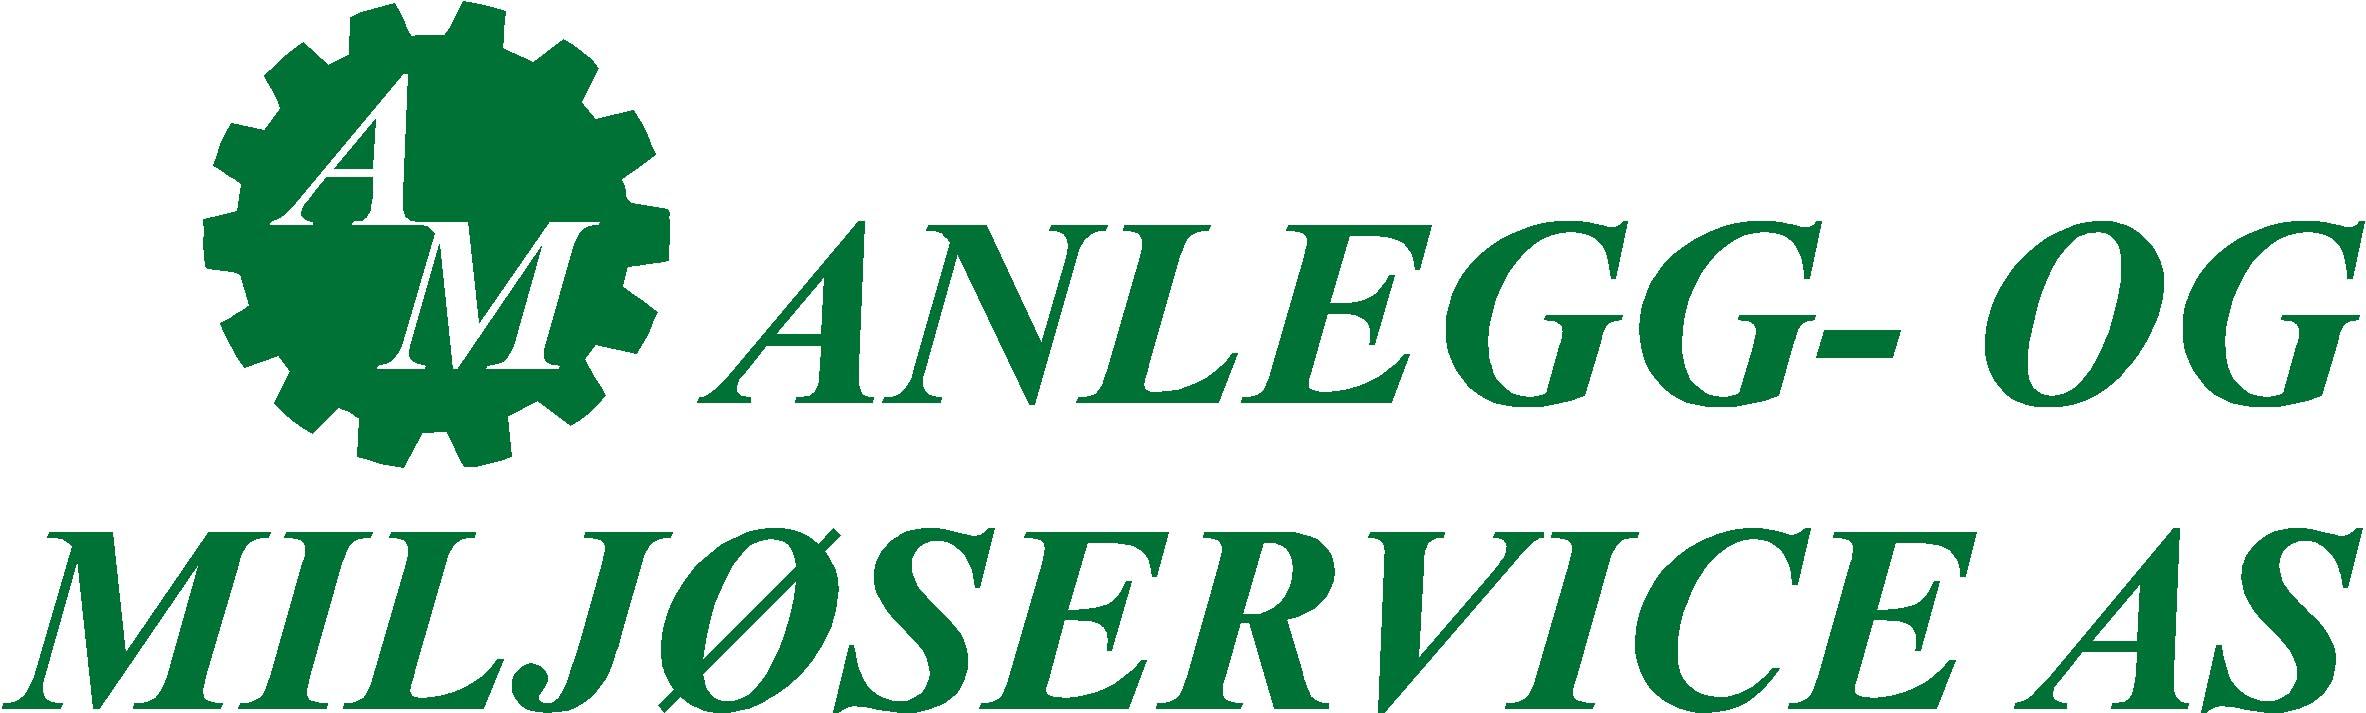 Logo Anlegg- og Miljøservice AS